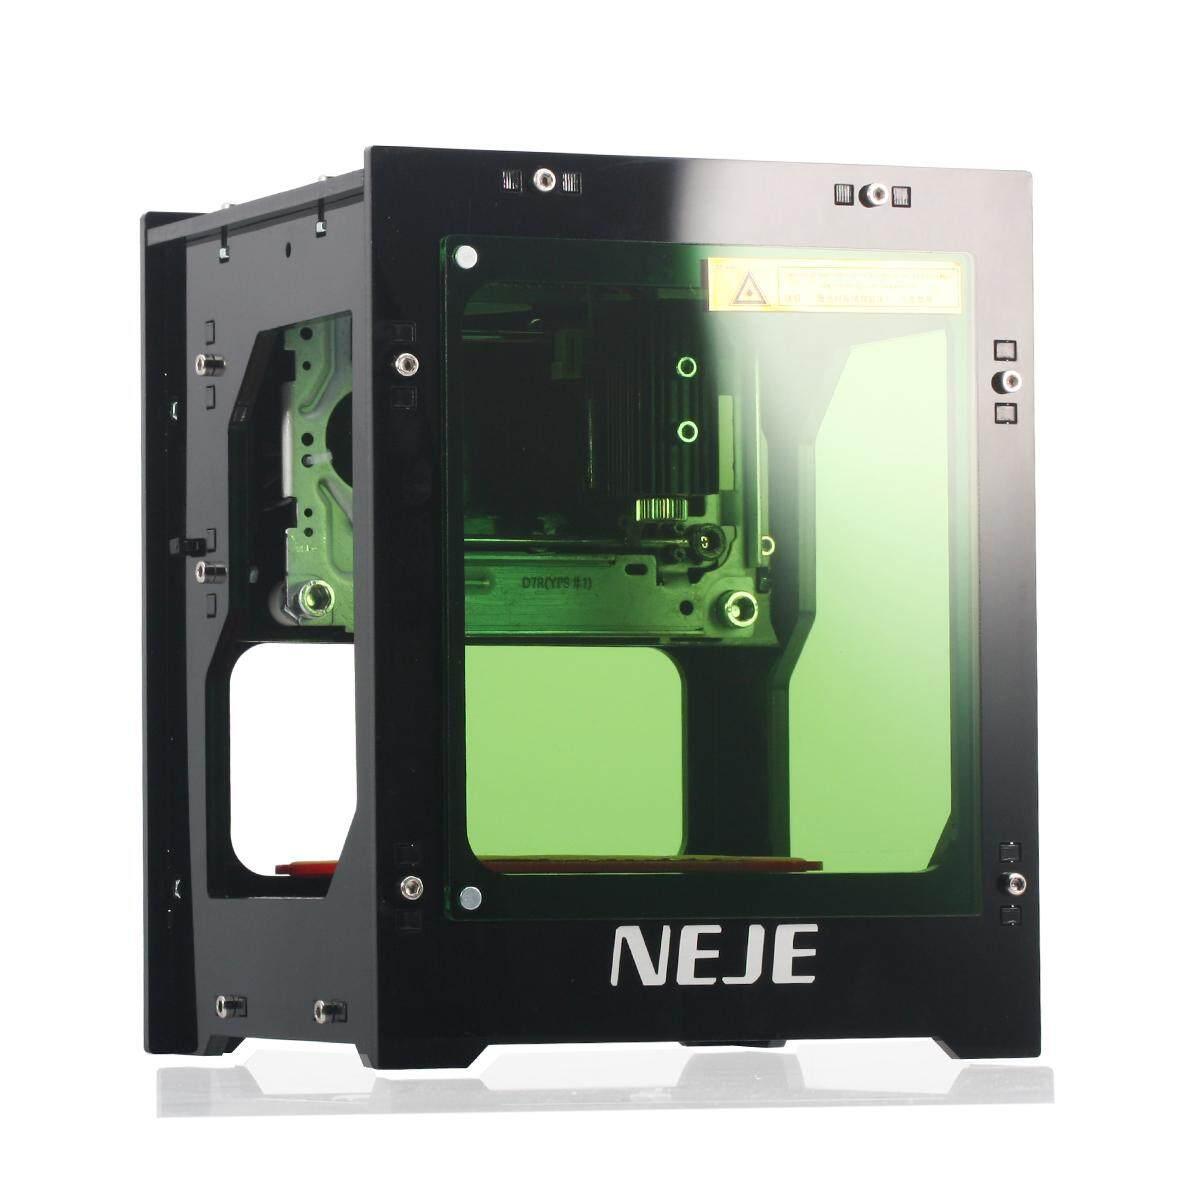 ... Neje DK-8-FKZ 1500 MW Diy Laser Pemotong Pemahat Mesin Pahat Printer Baru ...